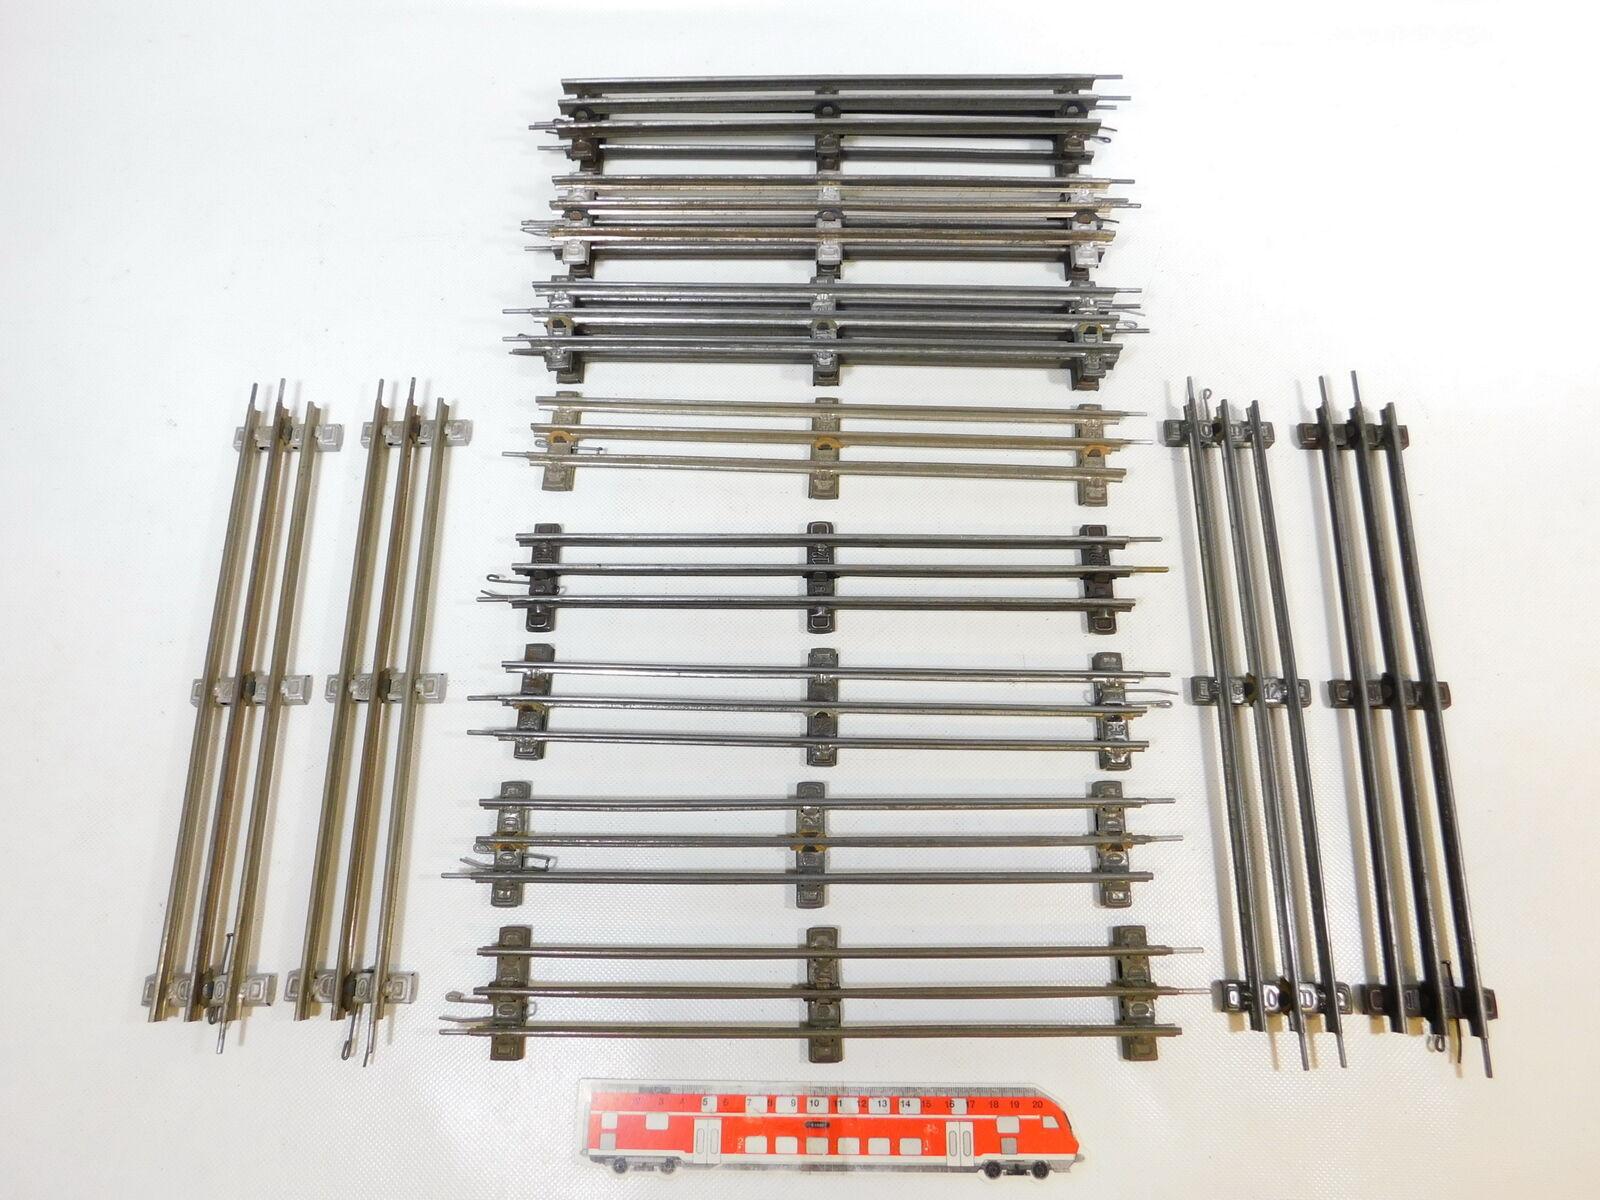 CD5752 15x marklin Scala 0 Binario Dritto 32 cm per Elettrica Operazione